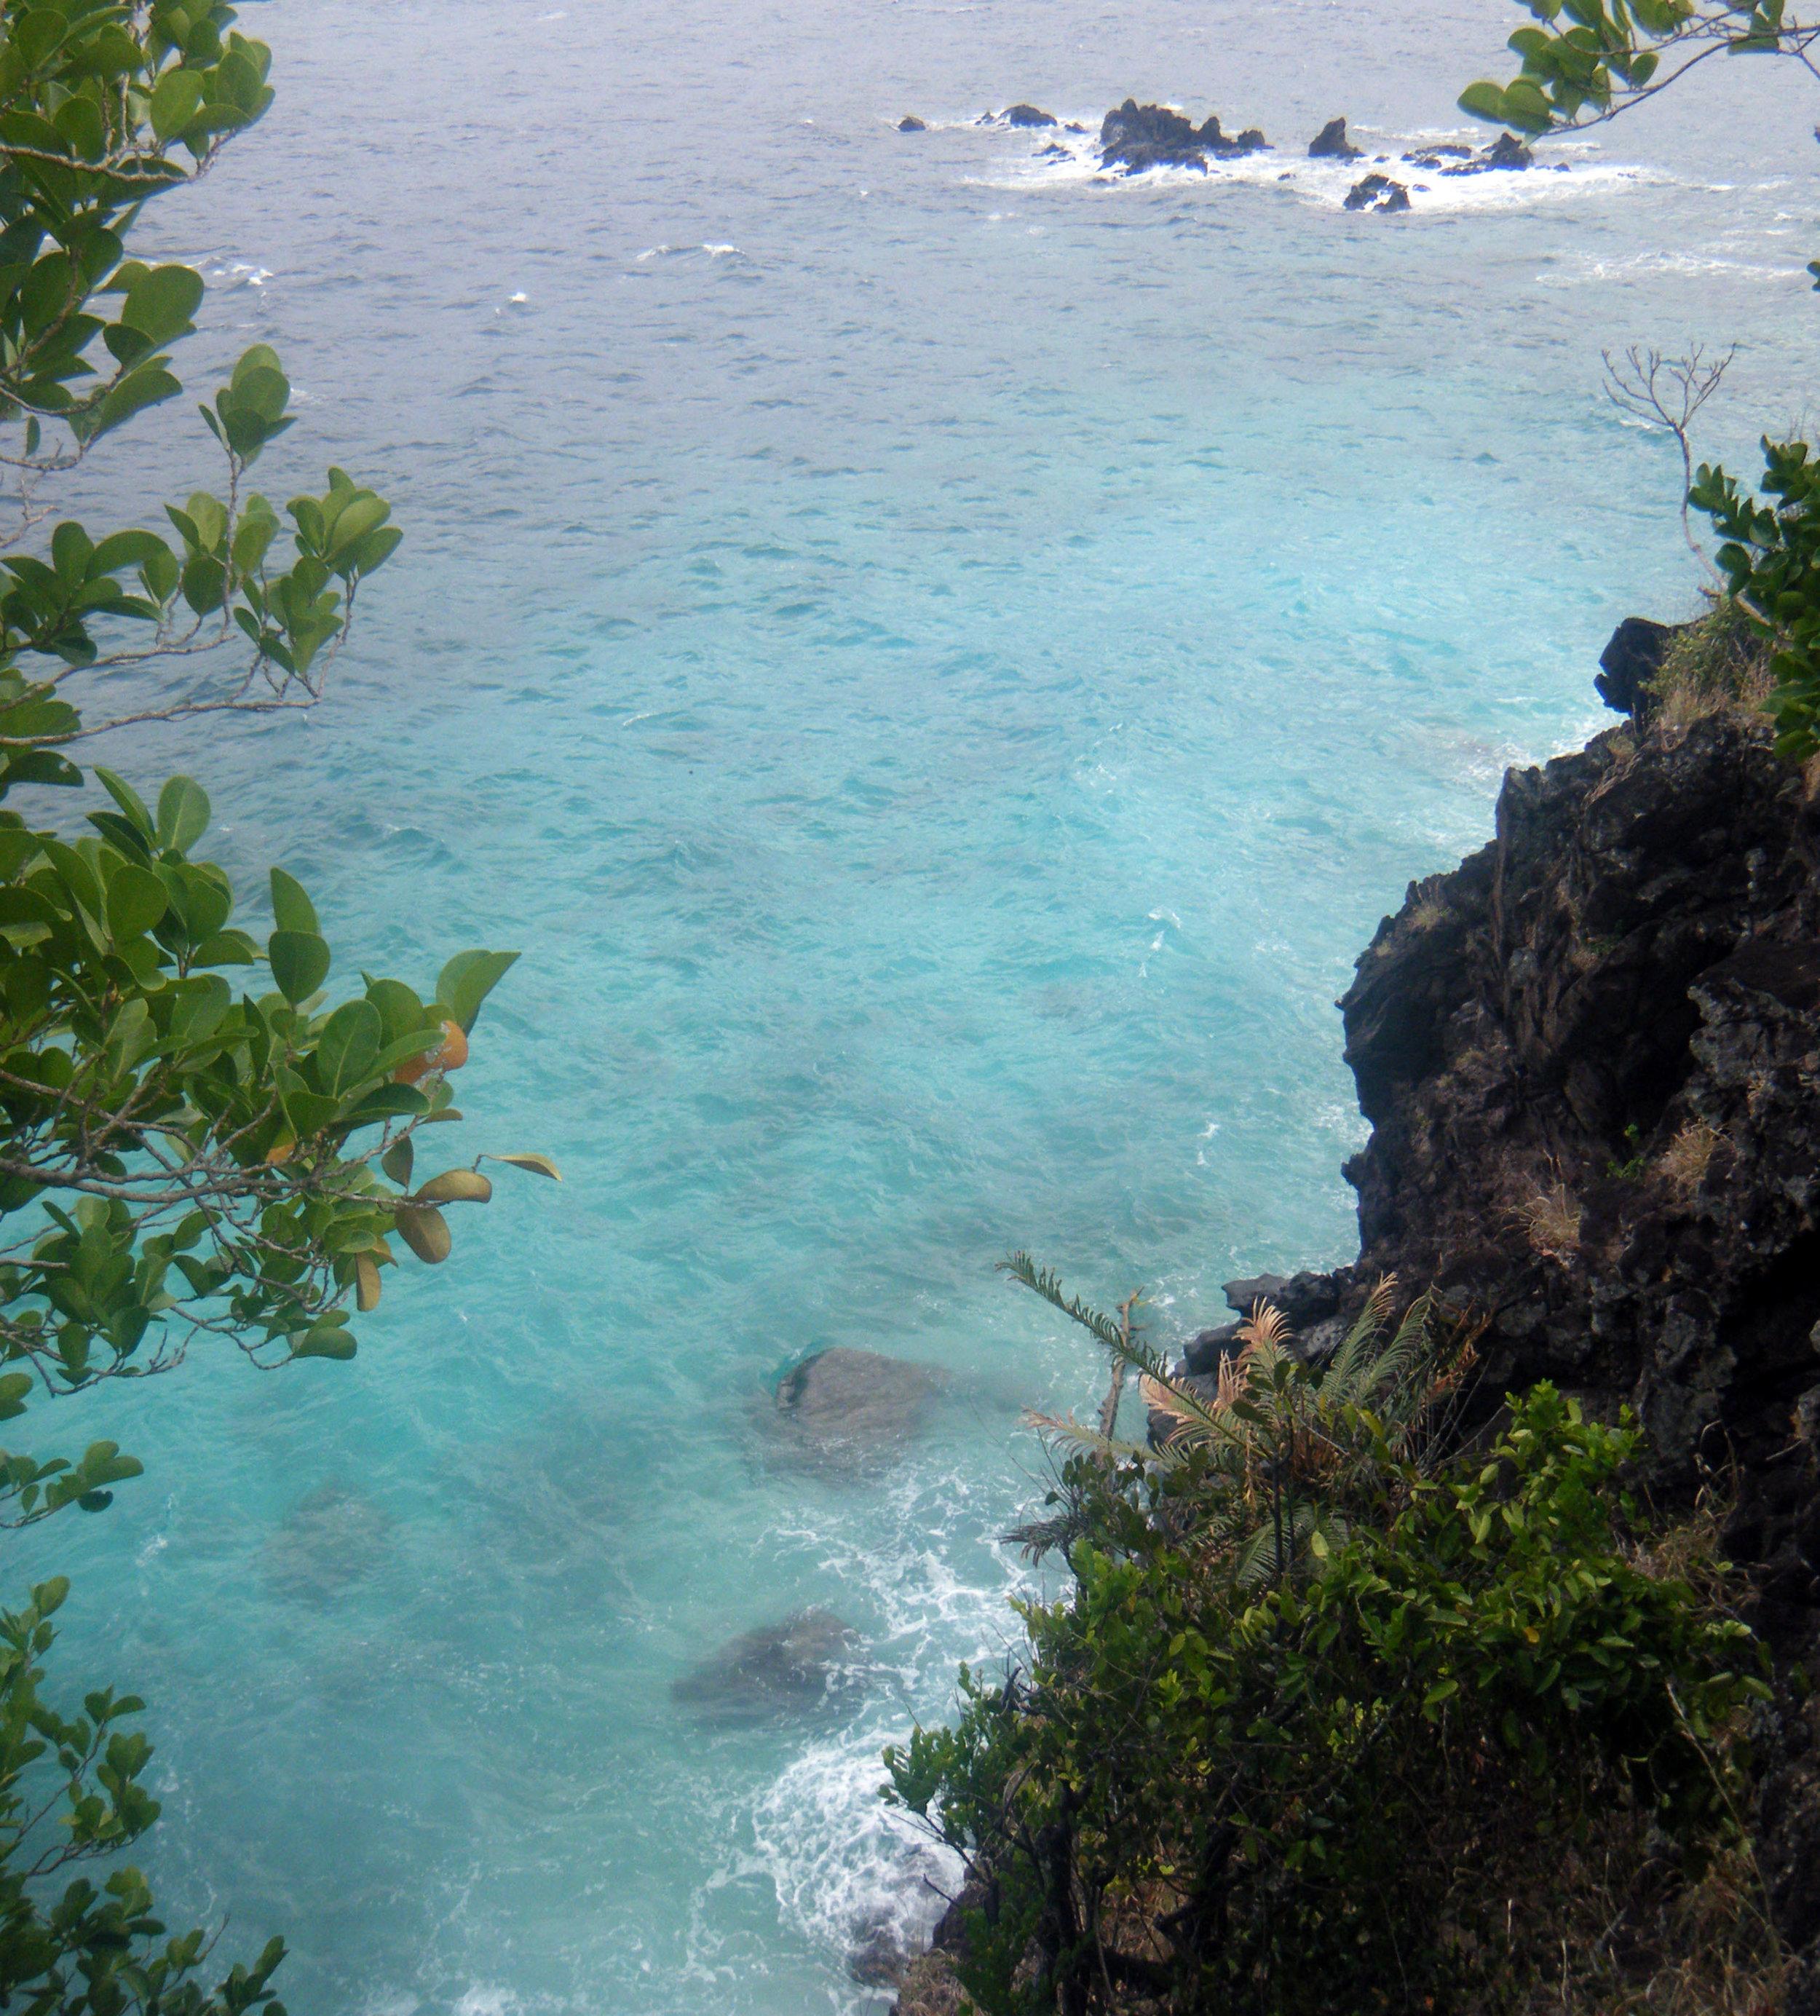 turqouise waters.jpg